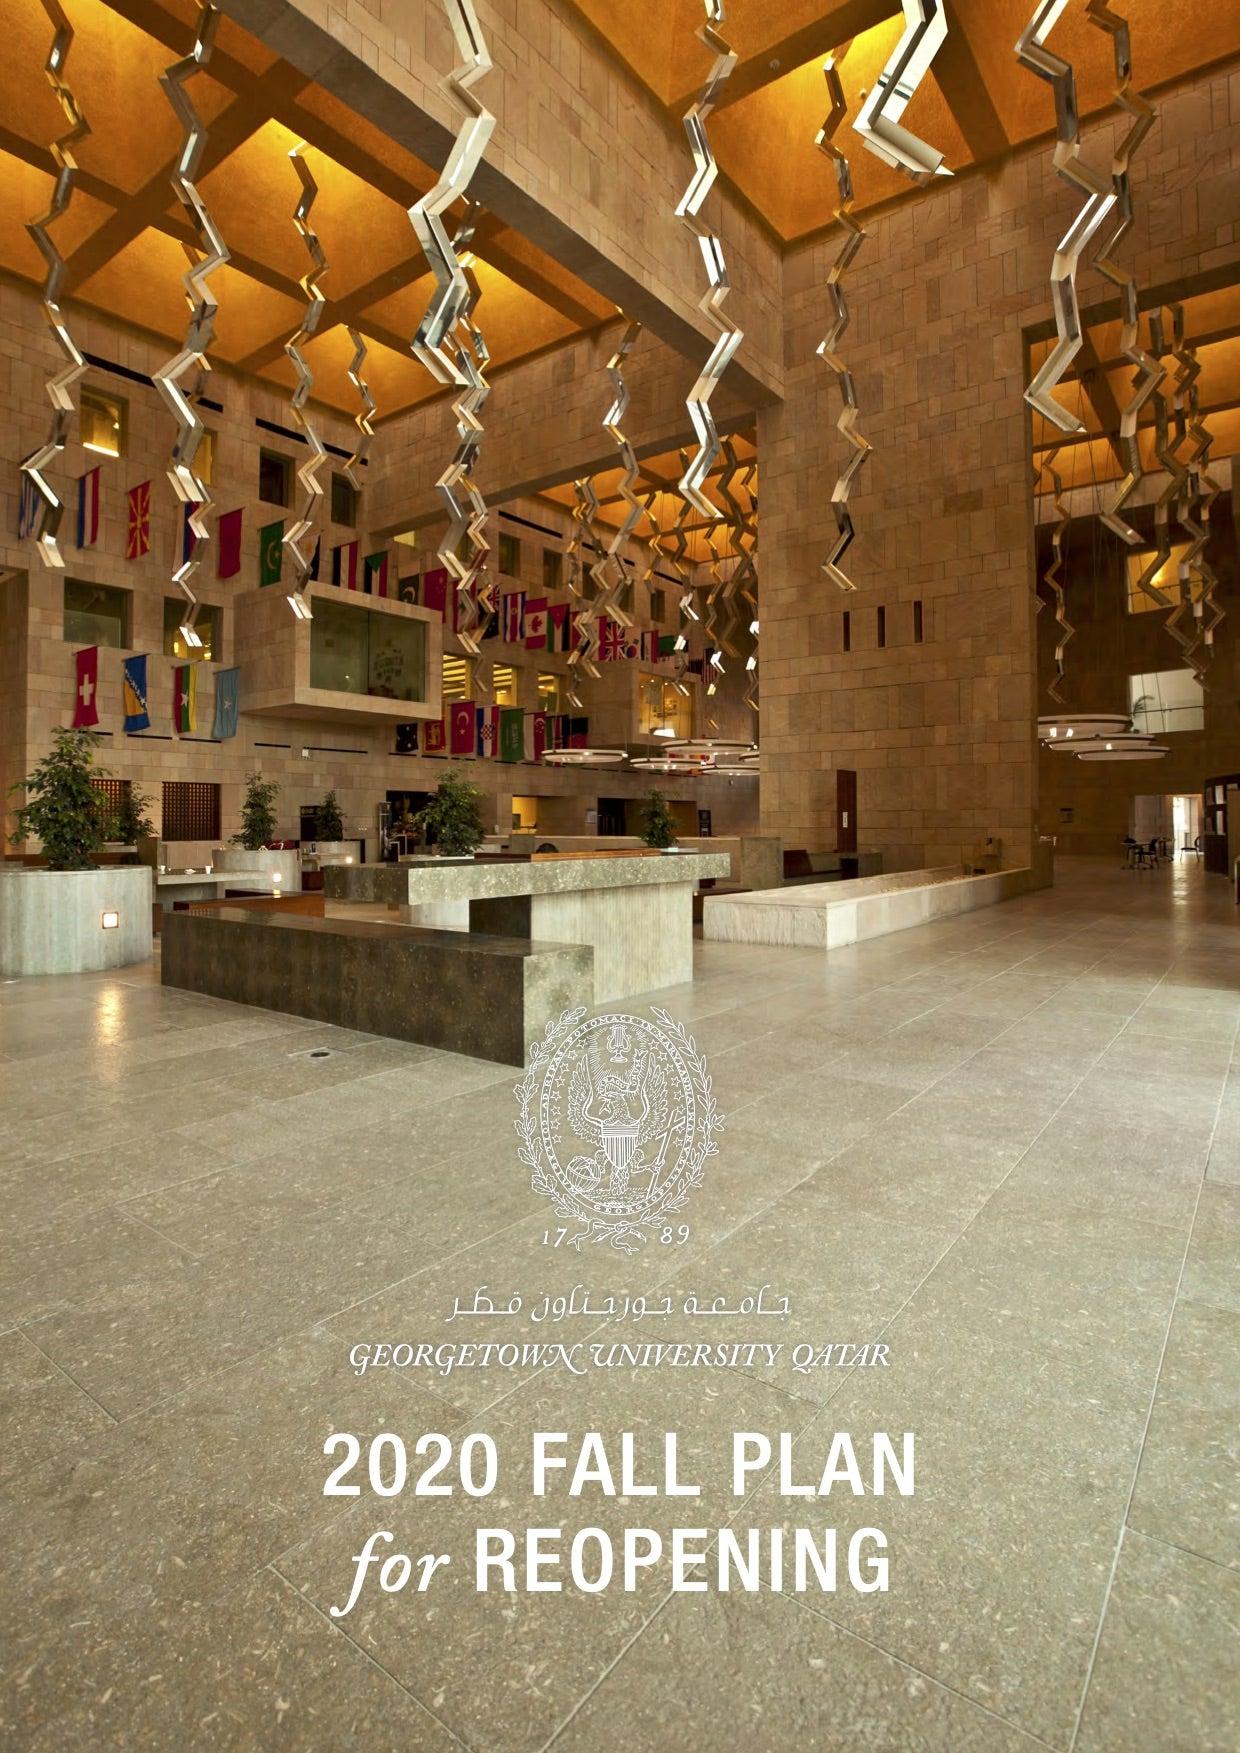 GU-Q 2020 Fall Plan for Reopening